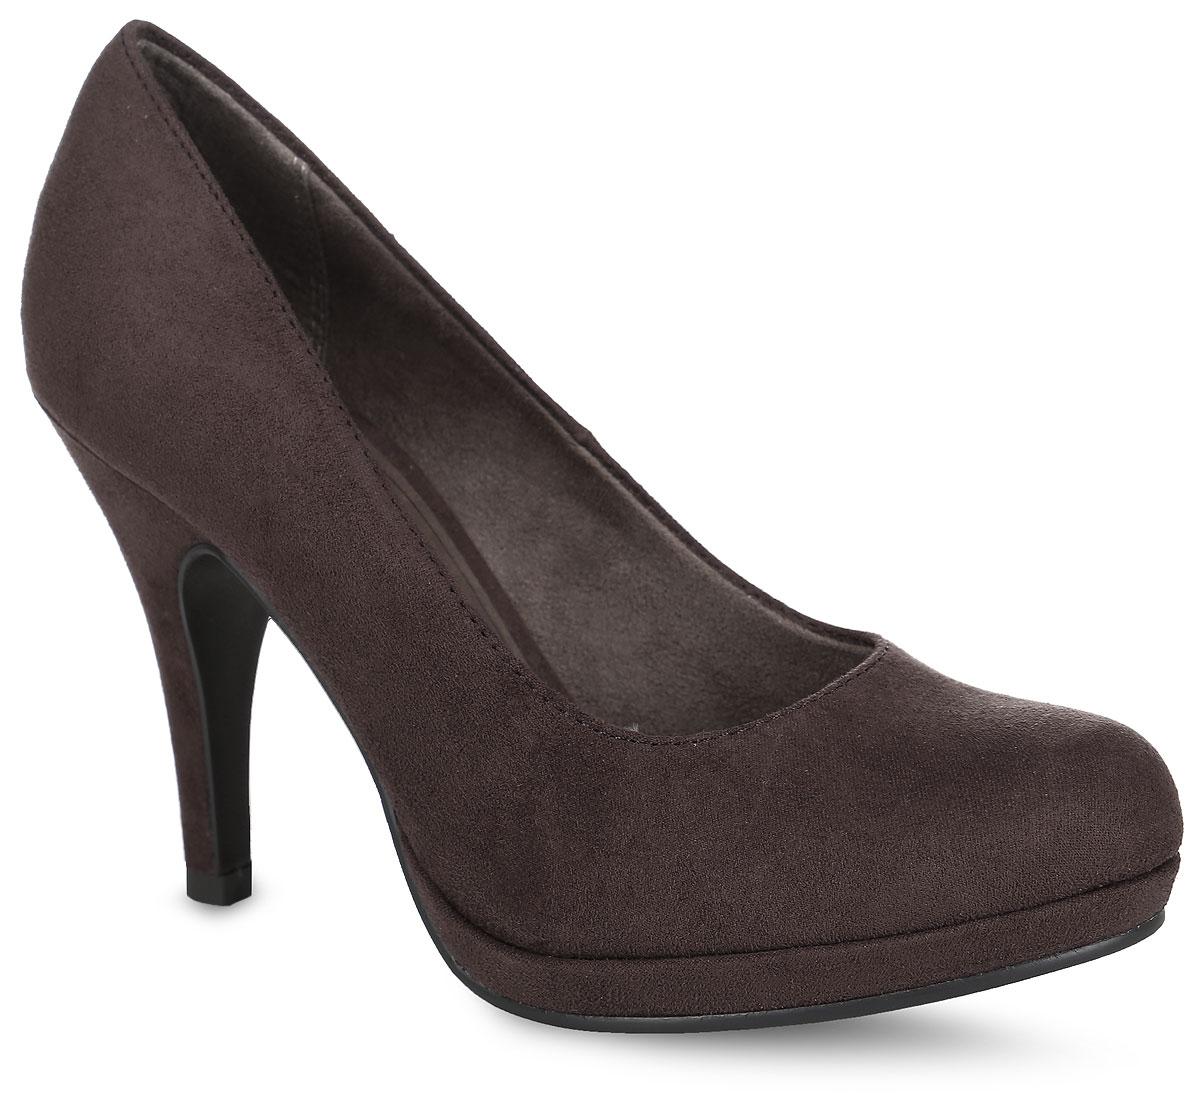 Туфли женские. 1-1-22407-21-1-22407-26-533Модные женские туфли от Tamaris очаруют вас с первого взгляда. Модель выполнена из мягкого текстиля с ворсистой фактурой. Круглый носок добавляет женственности в образ. Подкладка, изготовленная из текстиля, и стелька из текстиля и искусственной кожи обеспечивают комфорт при движении. Высокий каблук компенсирован небольшой платформой. Подошва с рифлением обеспечивает сцепление с любой поверхностью. Роскошные туфли помогут вам создать элегантный образ.